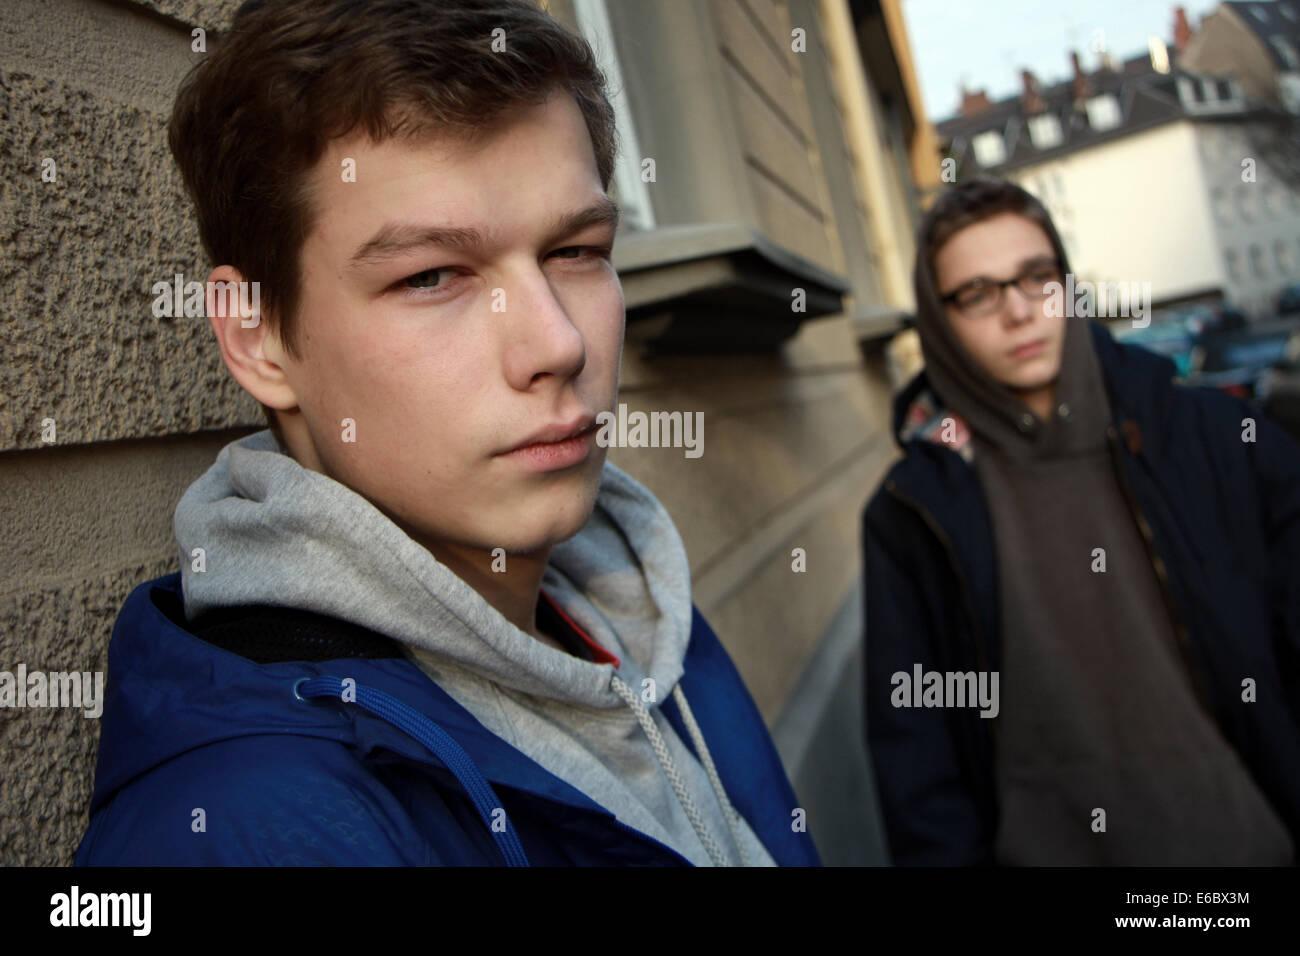 Ragazzo,adolescente,cultura giovanile Immagini Stock